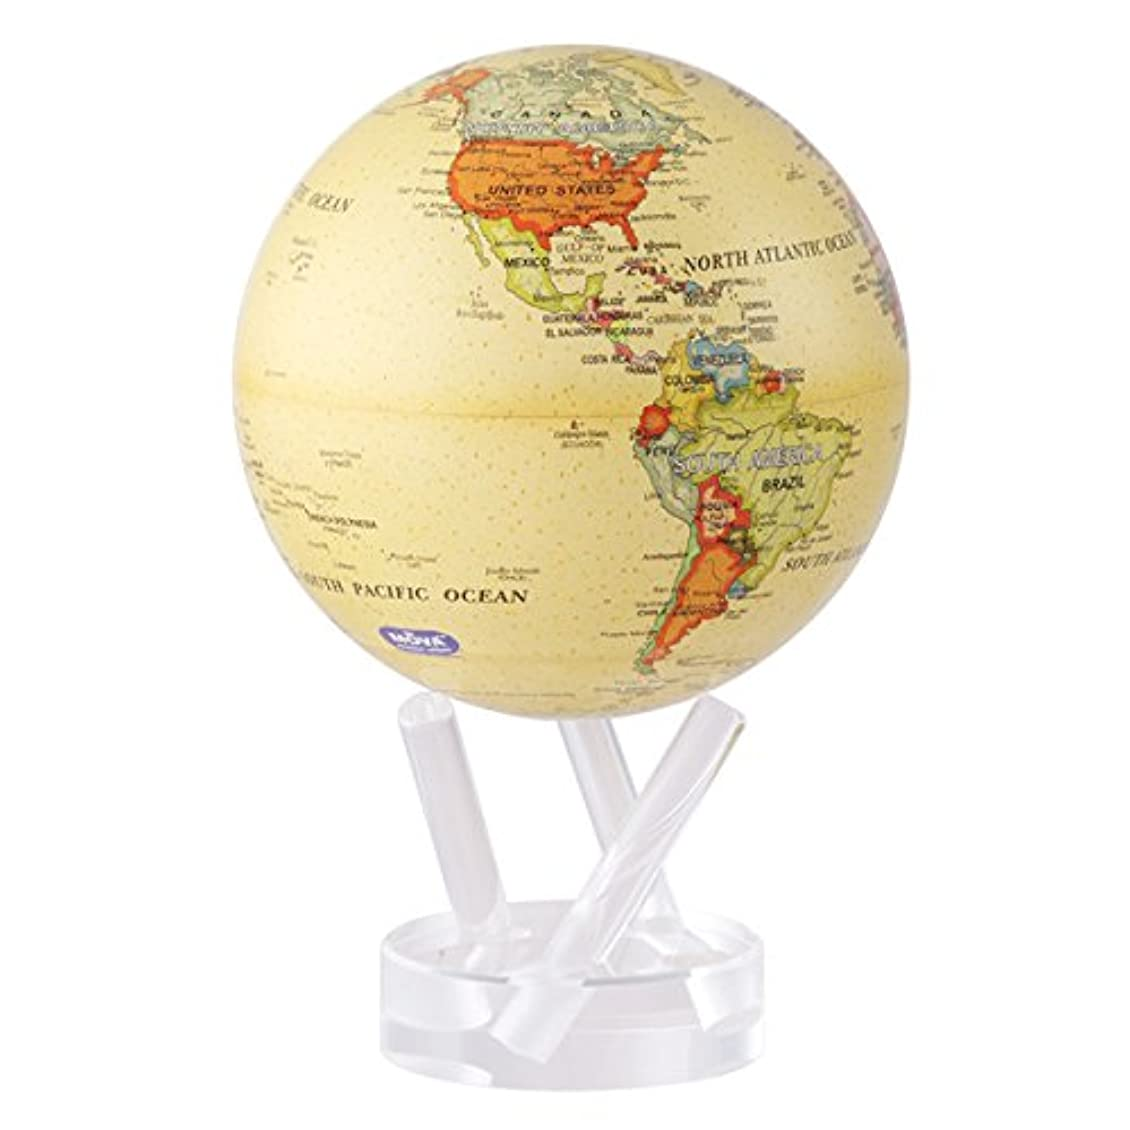 処方熟読するマラウイMOVA 不思議な地球儀 MOVAグローブ 11cm Political Map Yellow